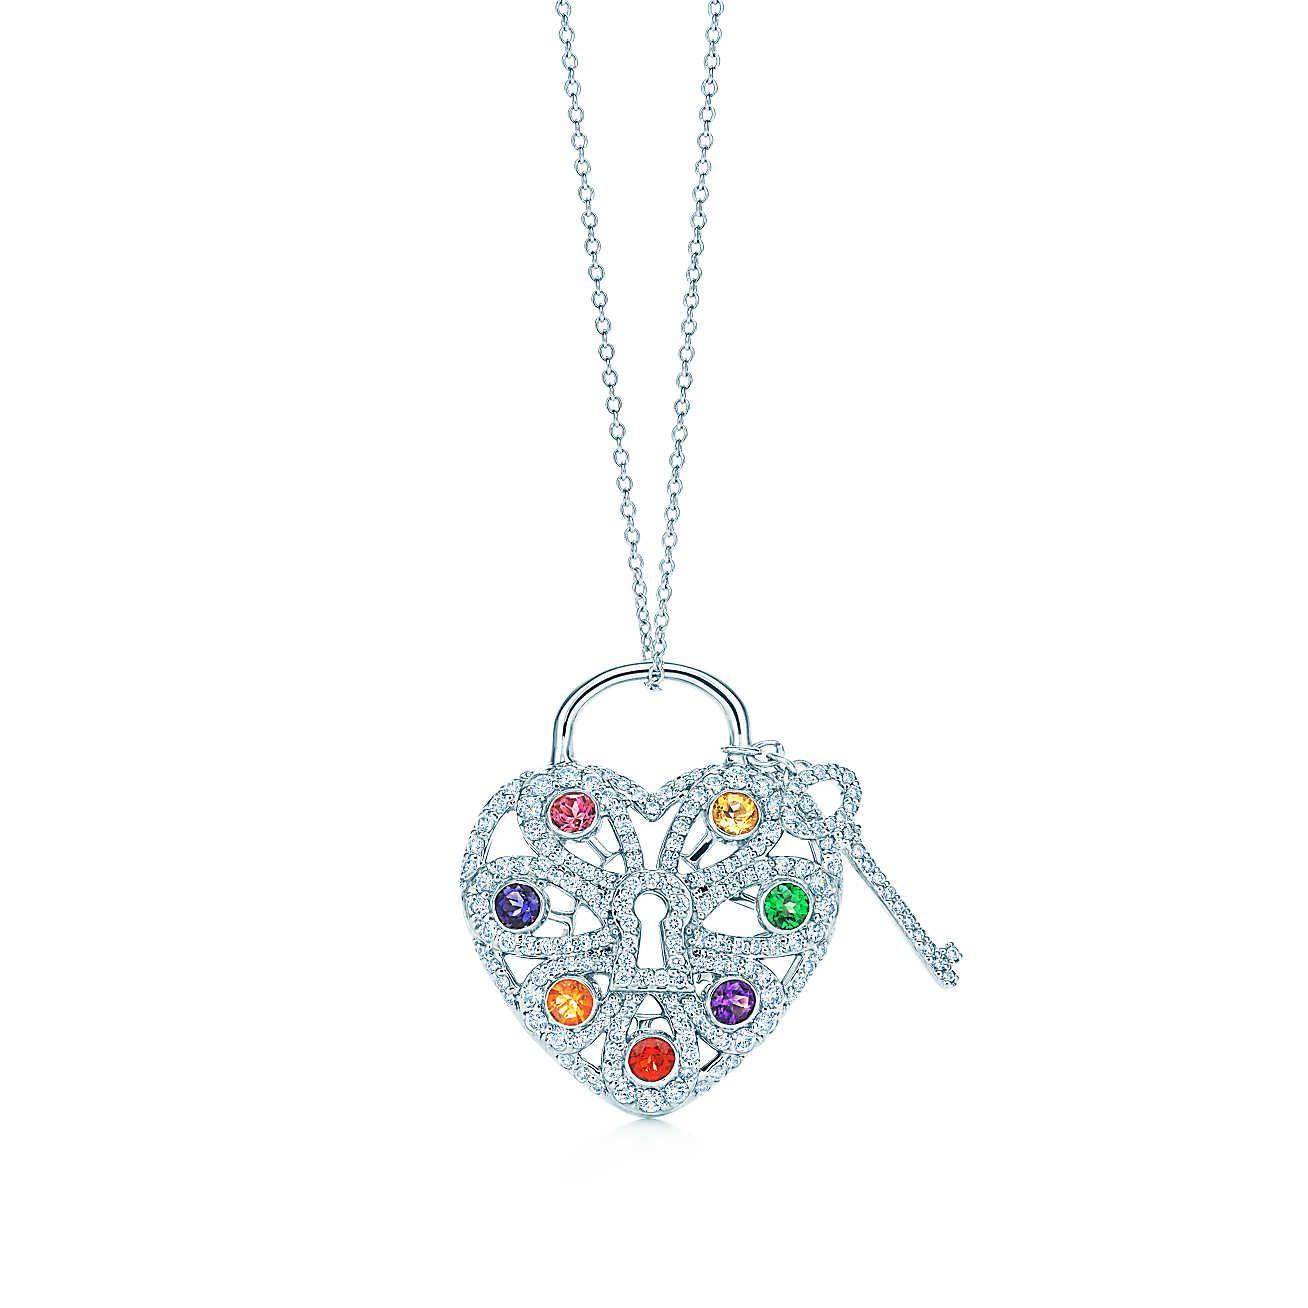 Tiffany Filigree Heart:Pendant with Key